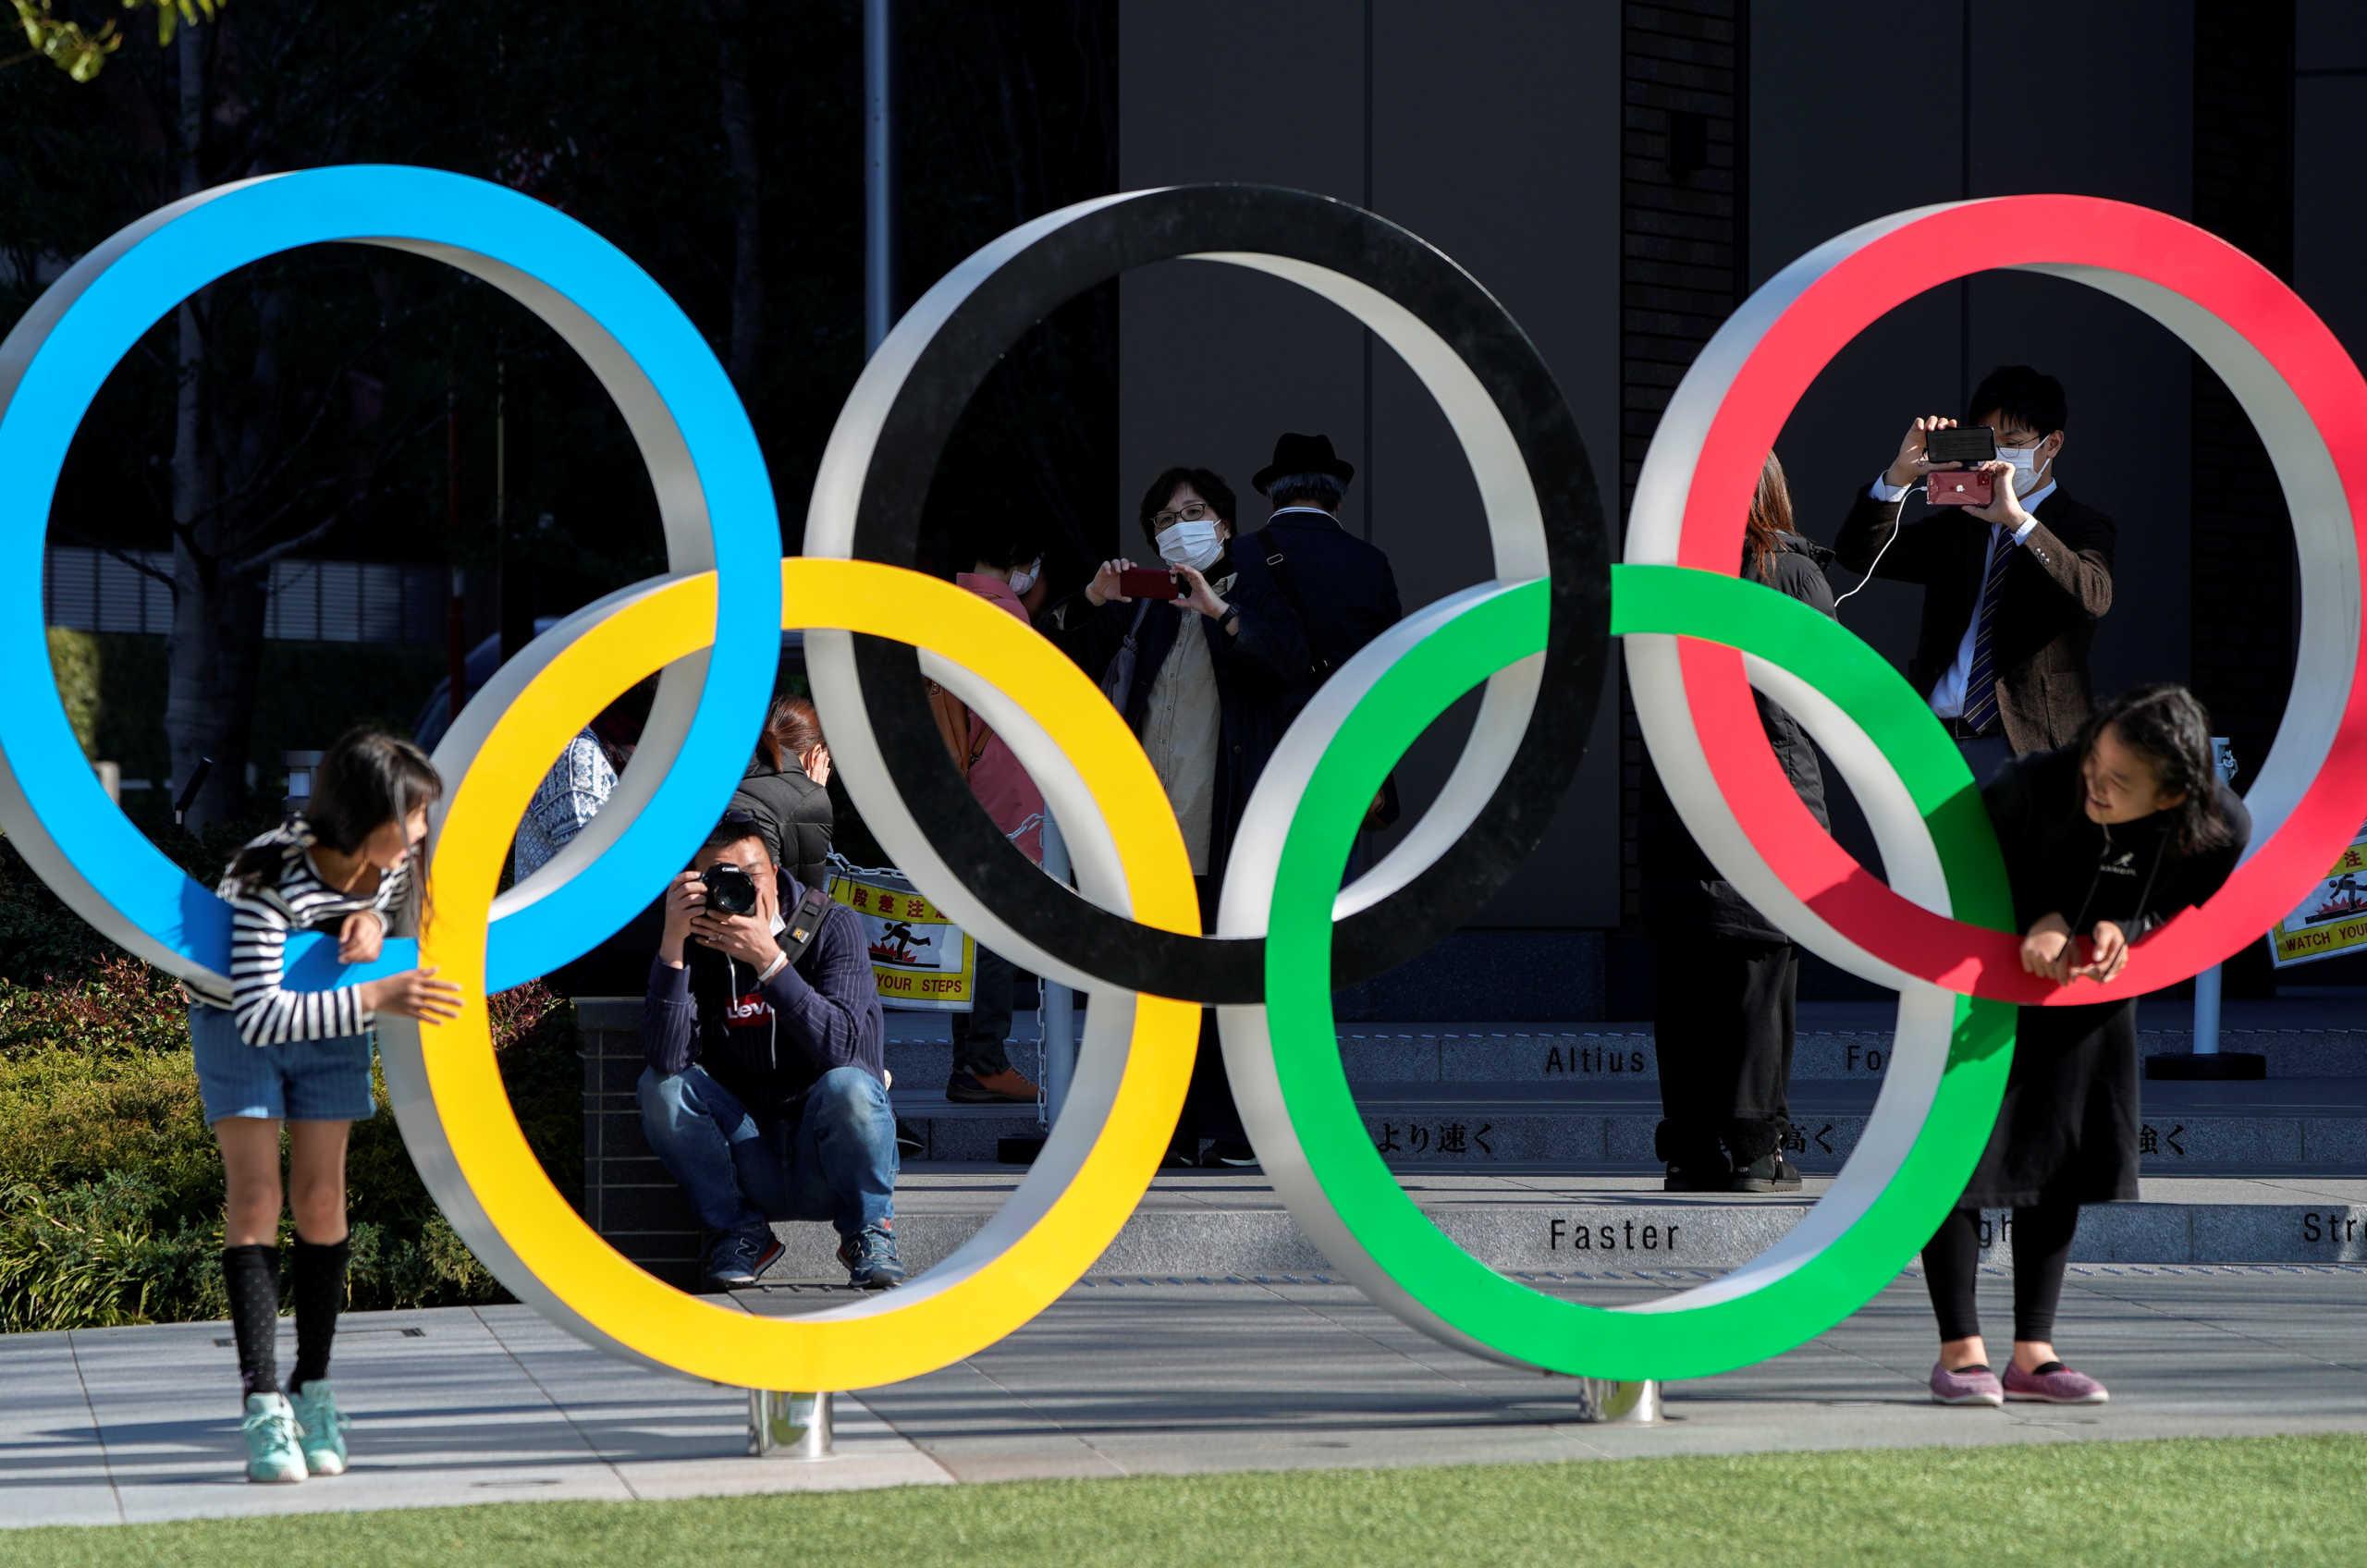 Βόρεια Κορέα: «Μπλόκο» λόγω κορονοϊού στους Ολυμπιακούς Αγώνες του Τόκιο